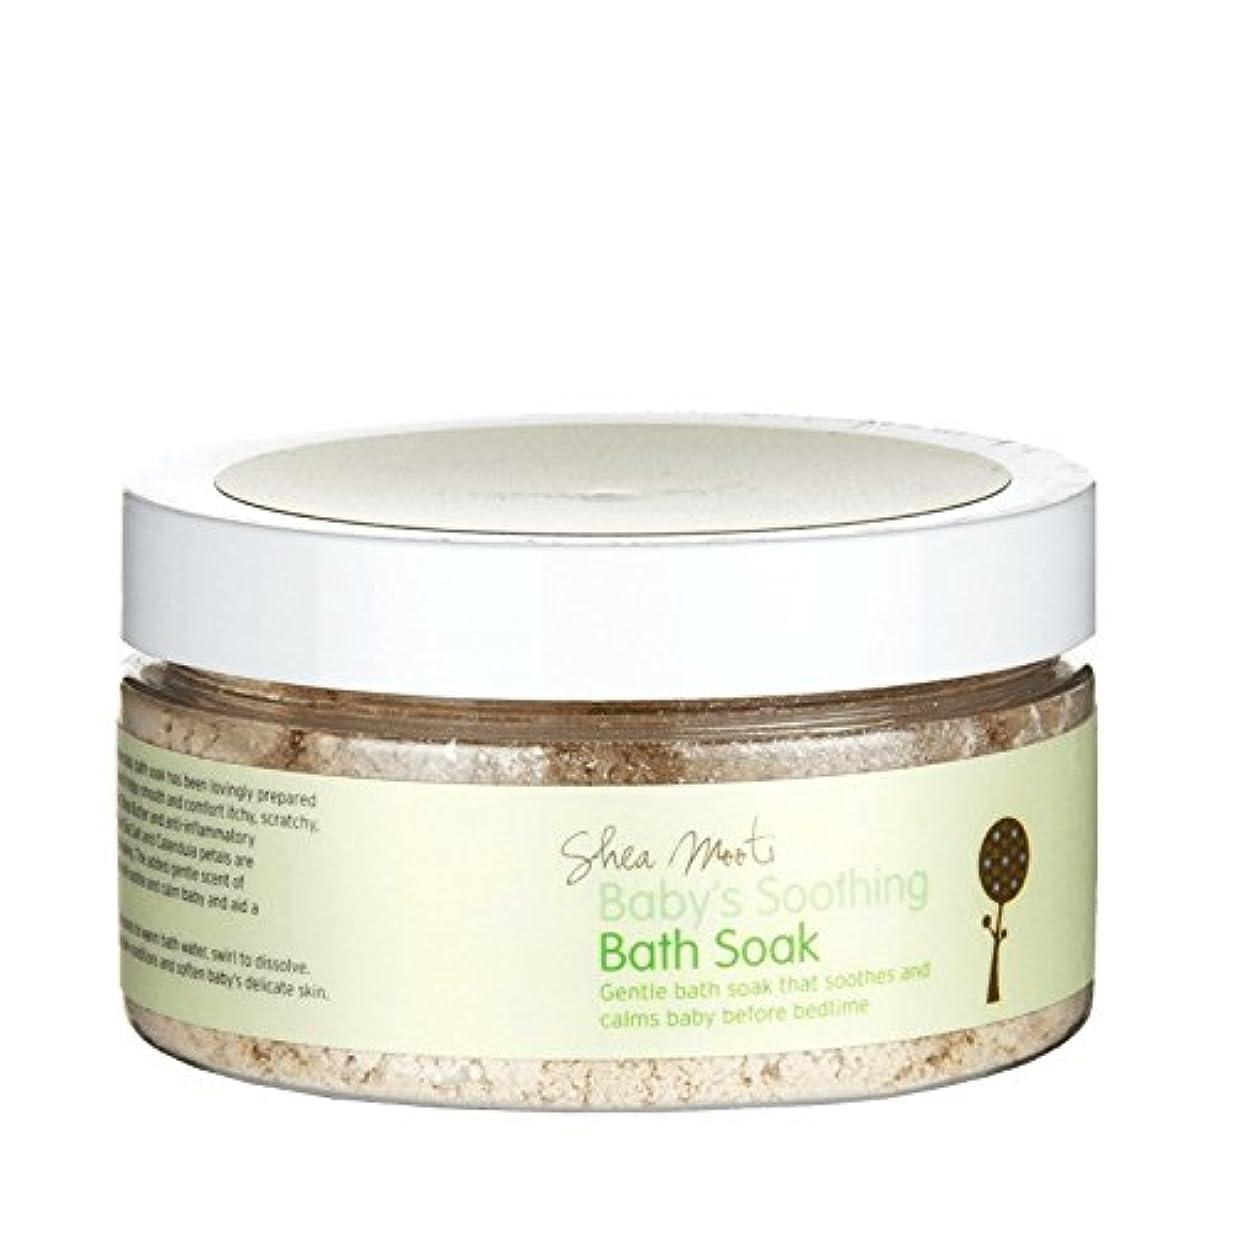 おとこ不安定な消防士Shea Mooti Baby's Soothing Bath Soak 130g (Pack of 2) - シアバターMooti赤ちゃんの癒しのお風呂は、130グラムを浸し (x2) [並行輸入品]